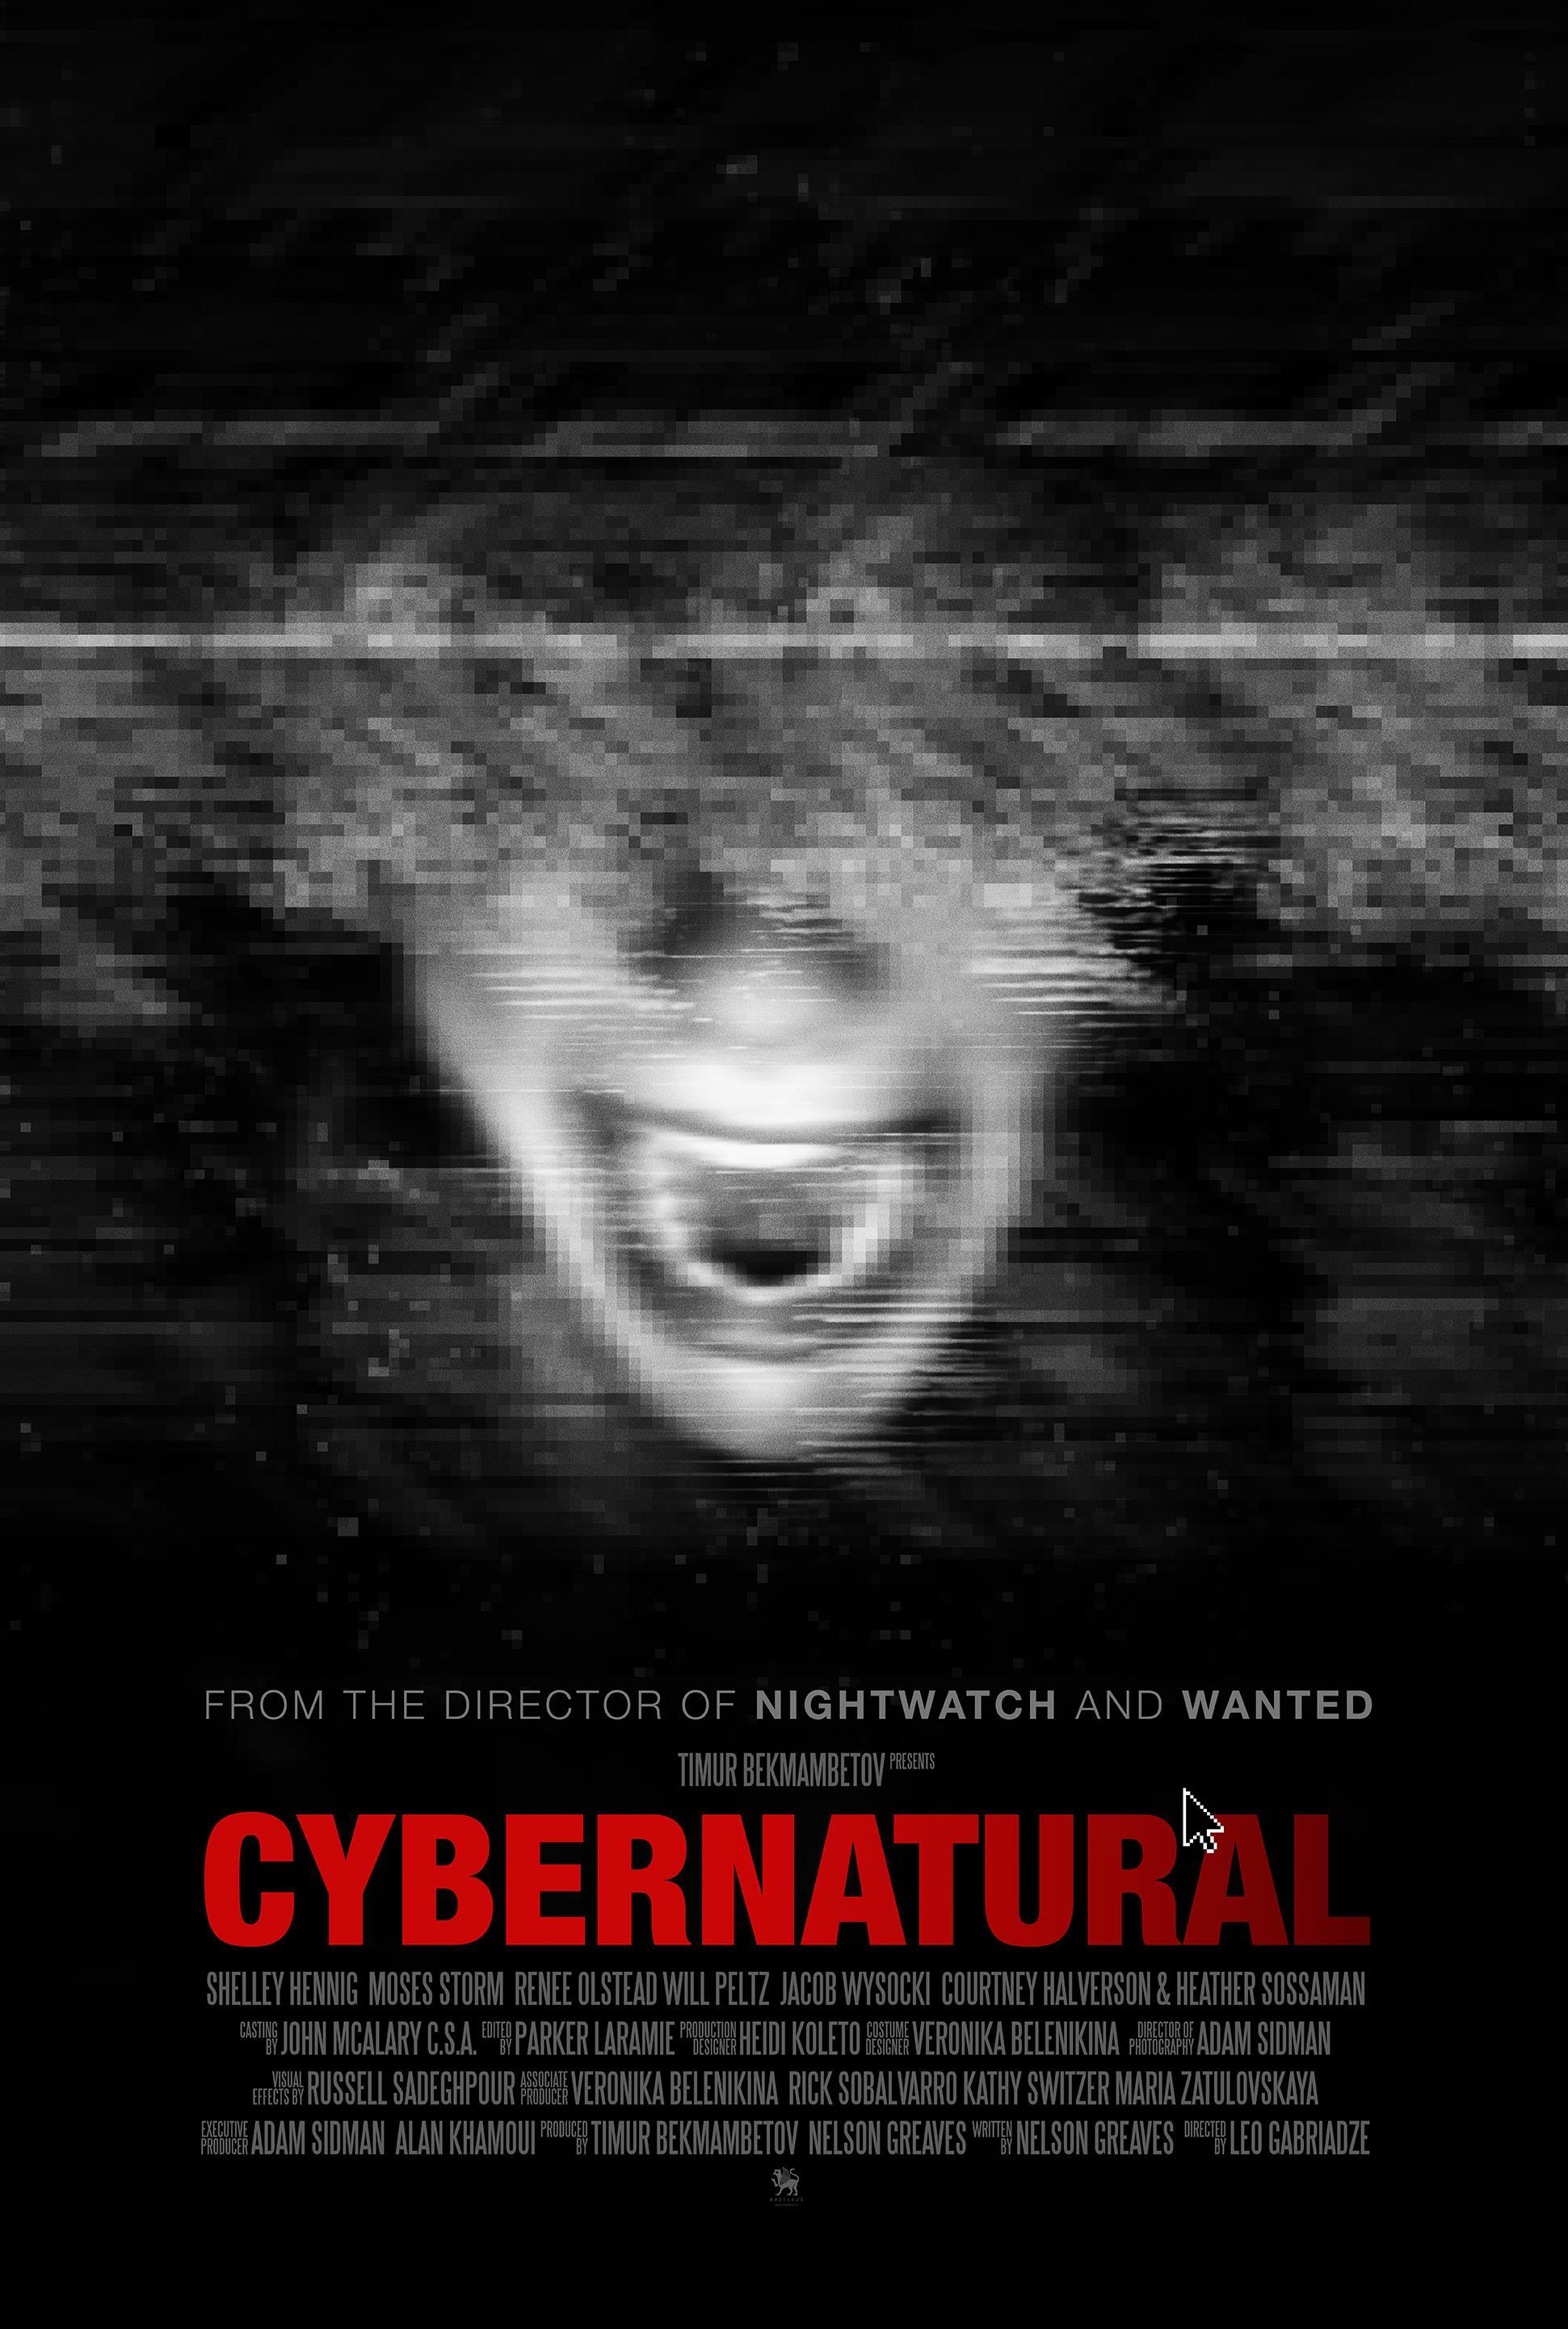 Il poster di Cybernatural, il titolo originale di Unfriended